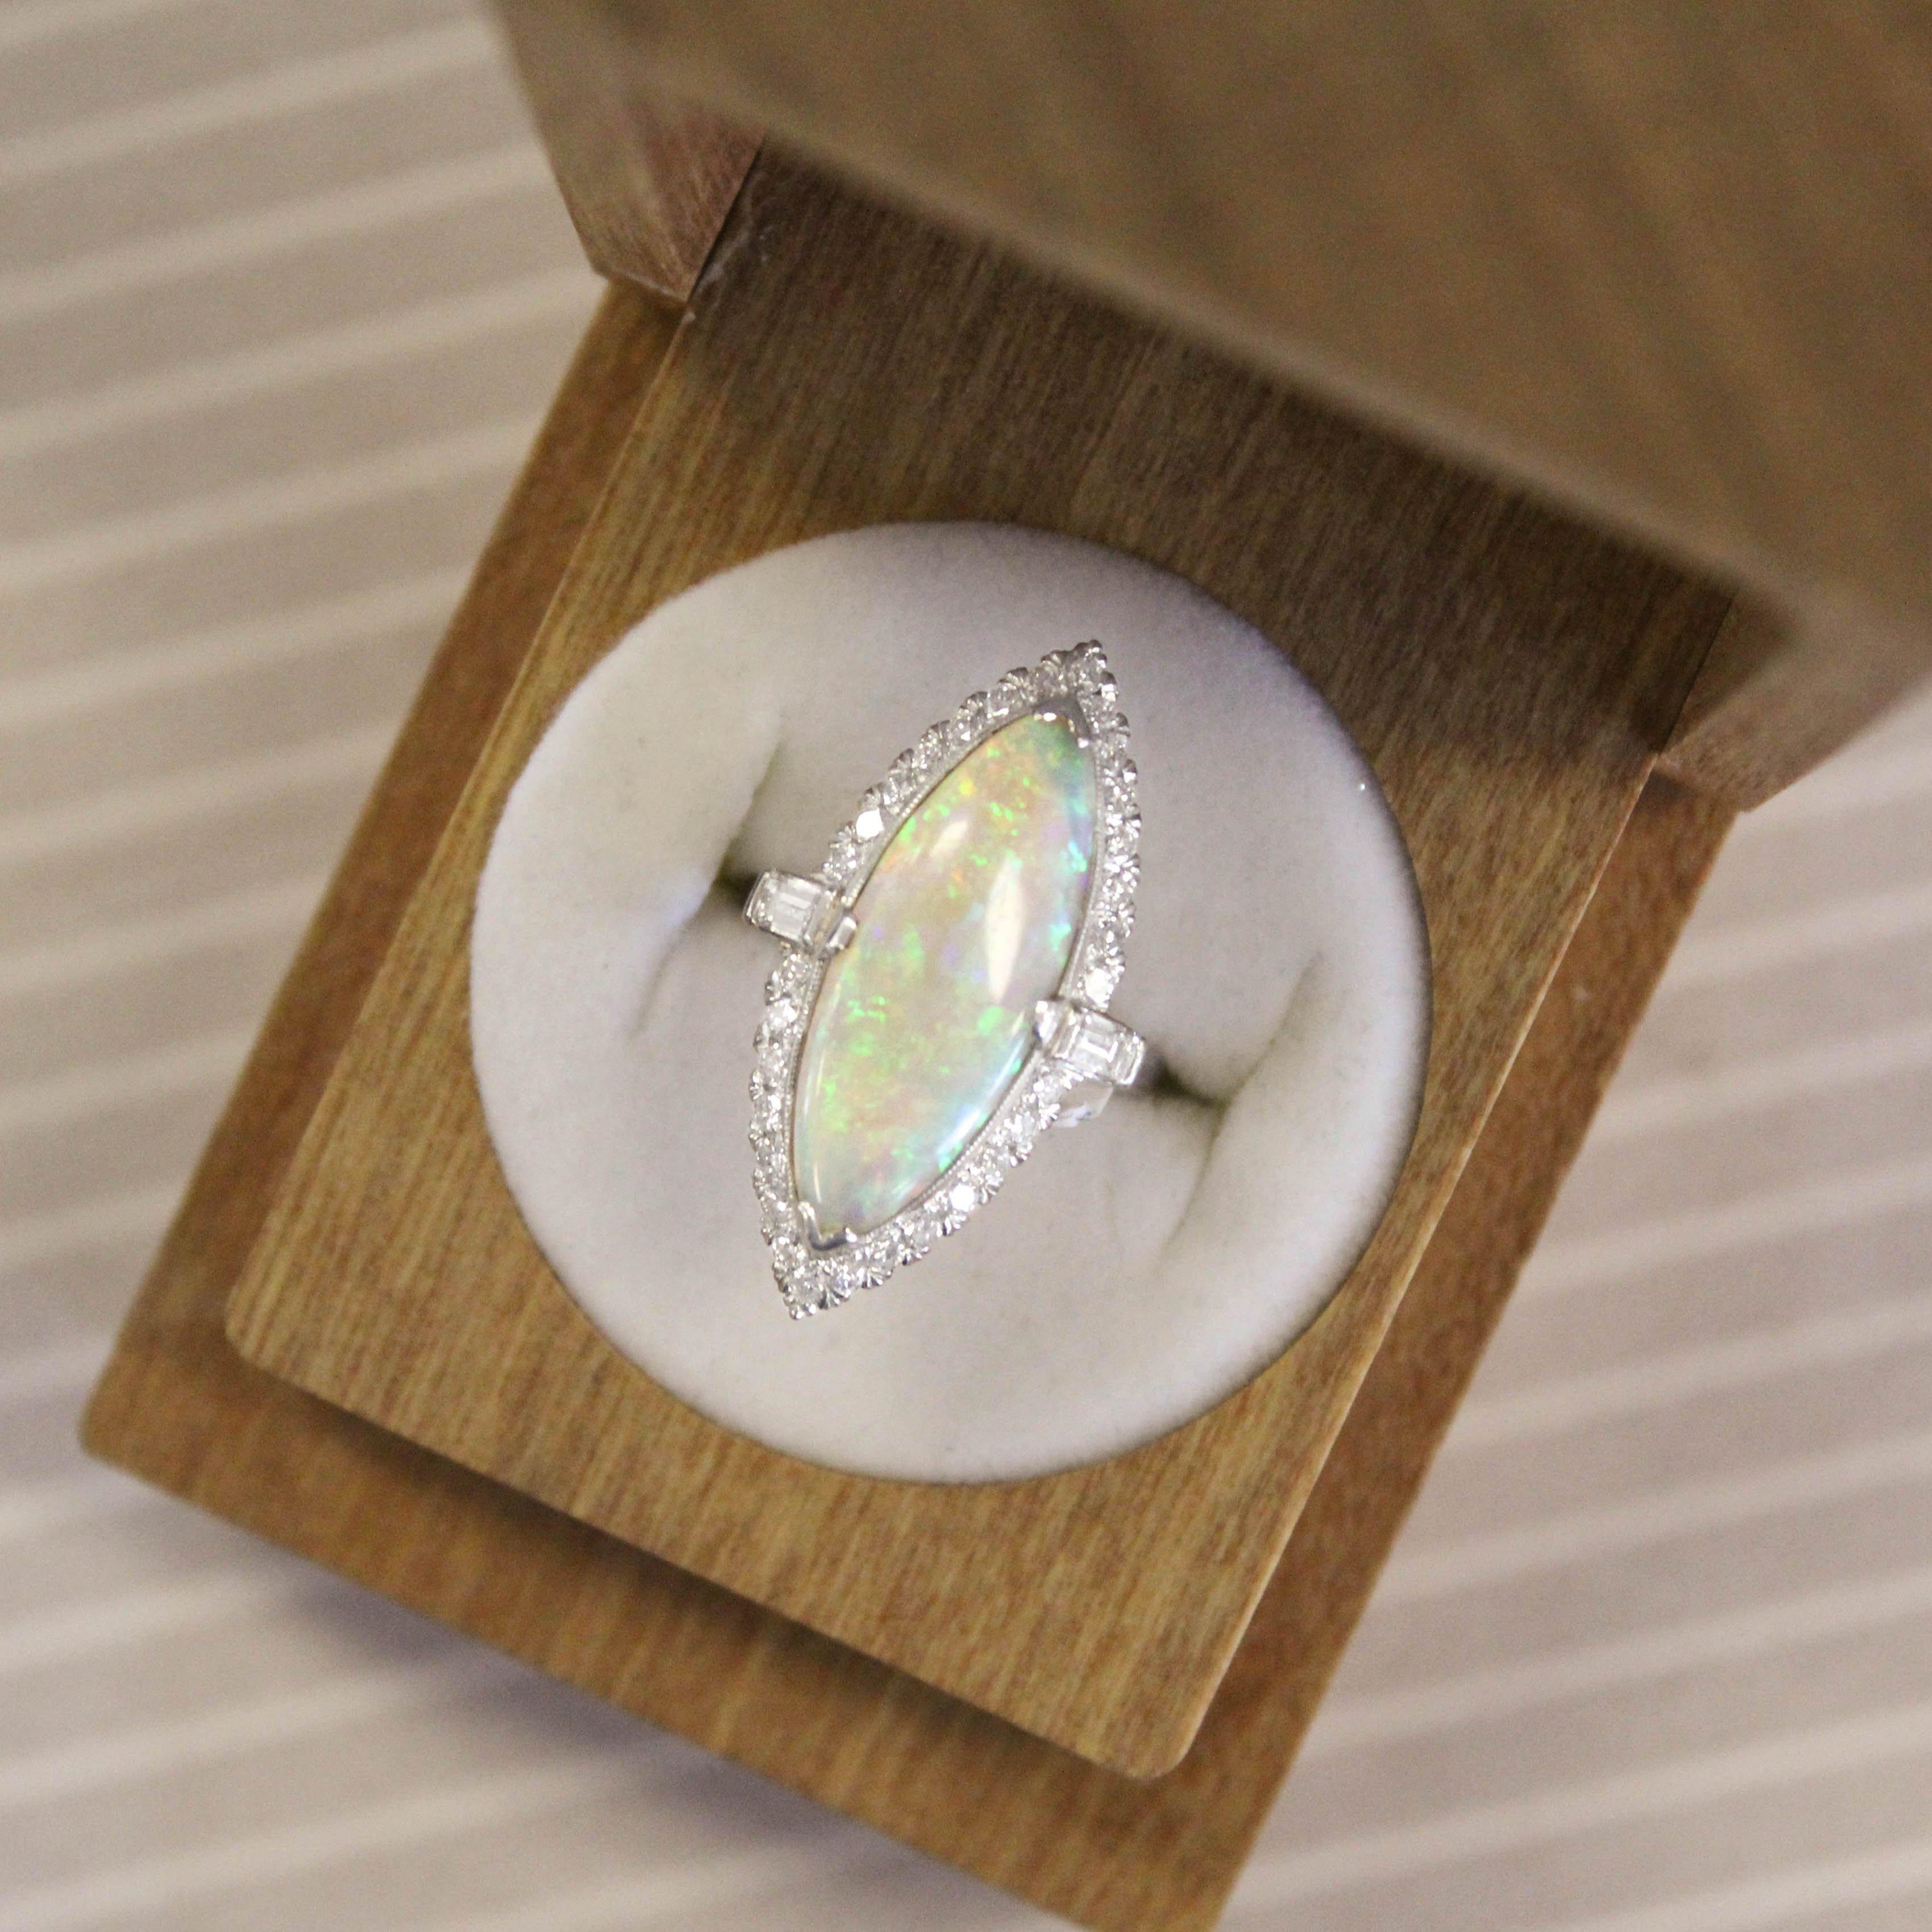 20160606 vintage opal in box mktg